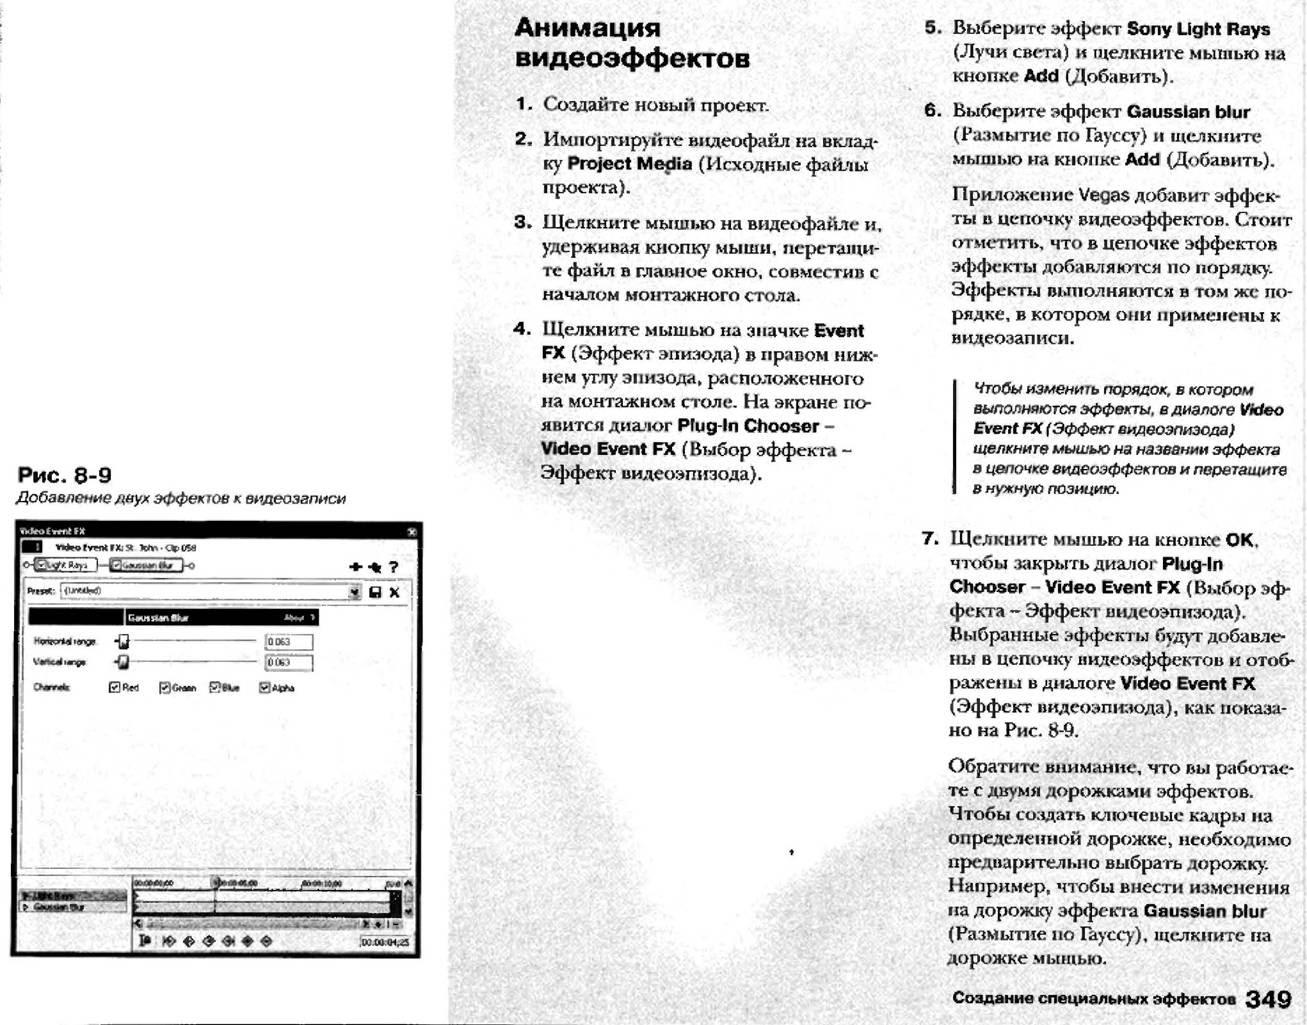 http://redaktori-uroki.3dn.ru/_ph/12/264247248.jpg